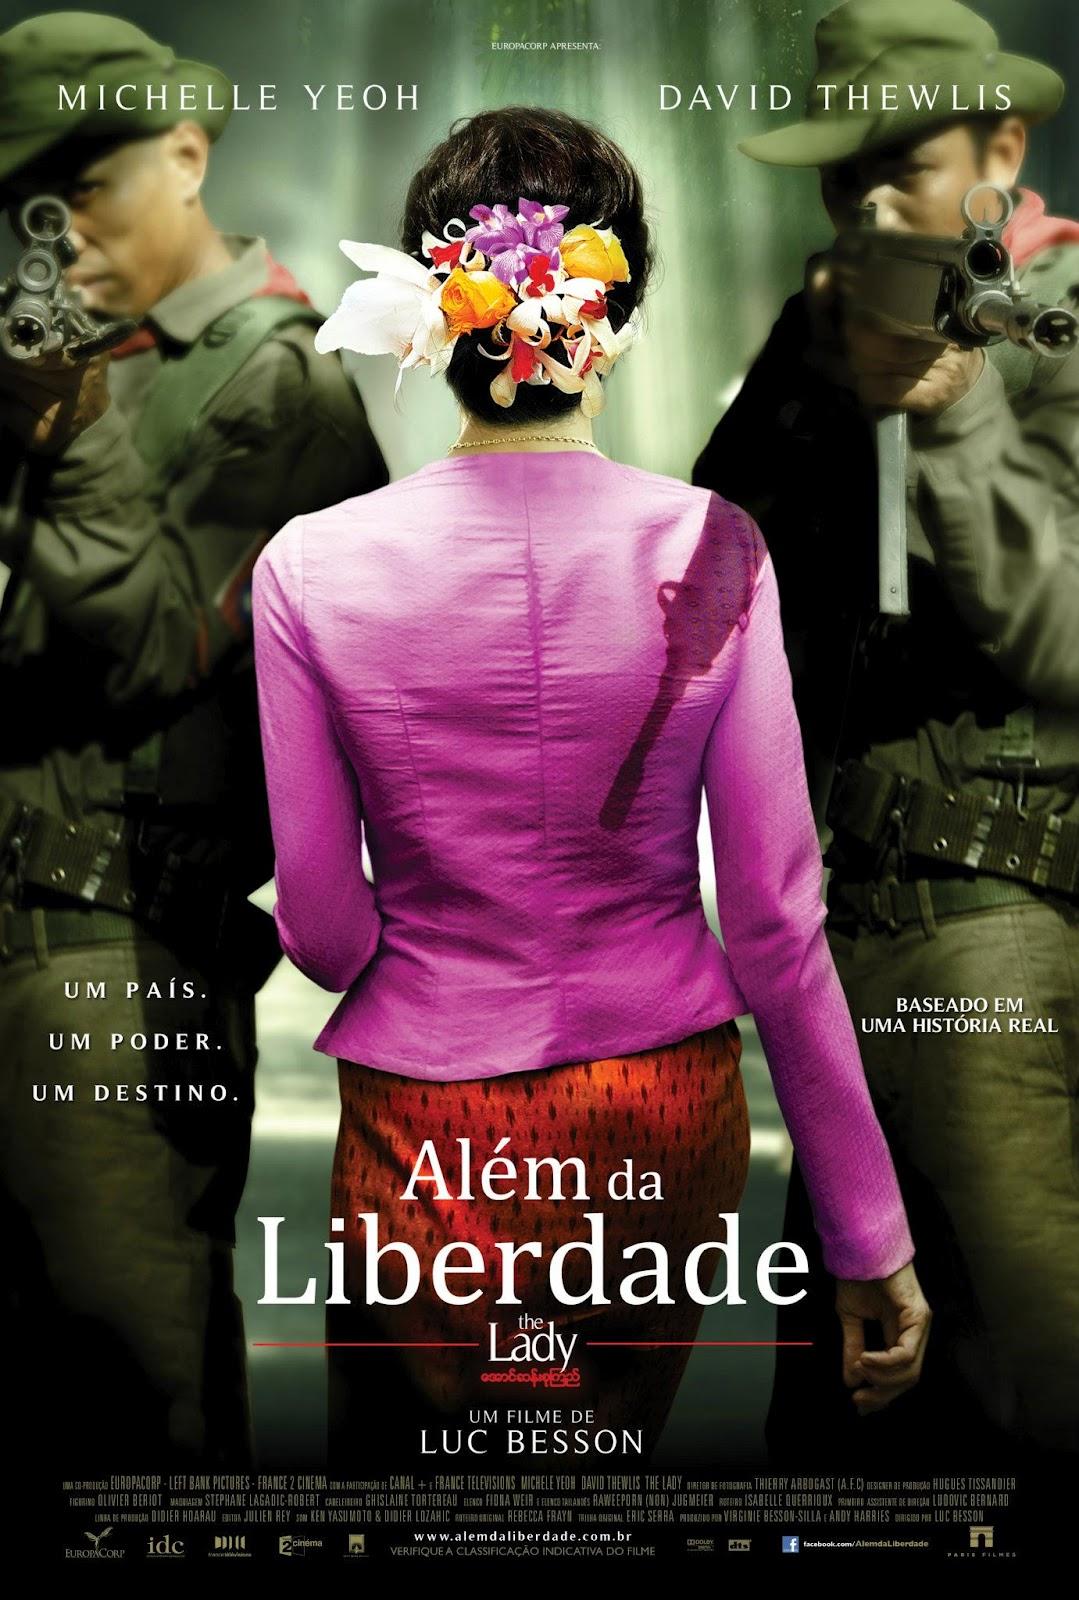 http://3.bp.blogspot.com/-31v-2eLF3uI/T_XqVlXOuEI/AAAAAAAAA9I/mDkV4IaeThc/s1600/Al%C3%A9m-da-Liberdade.jpg